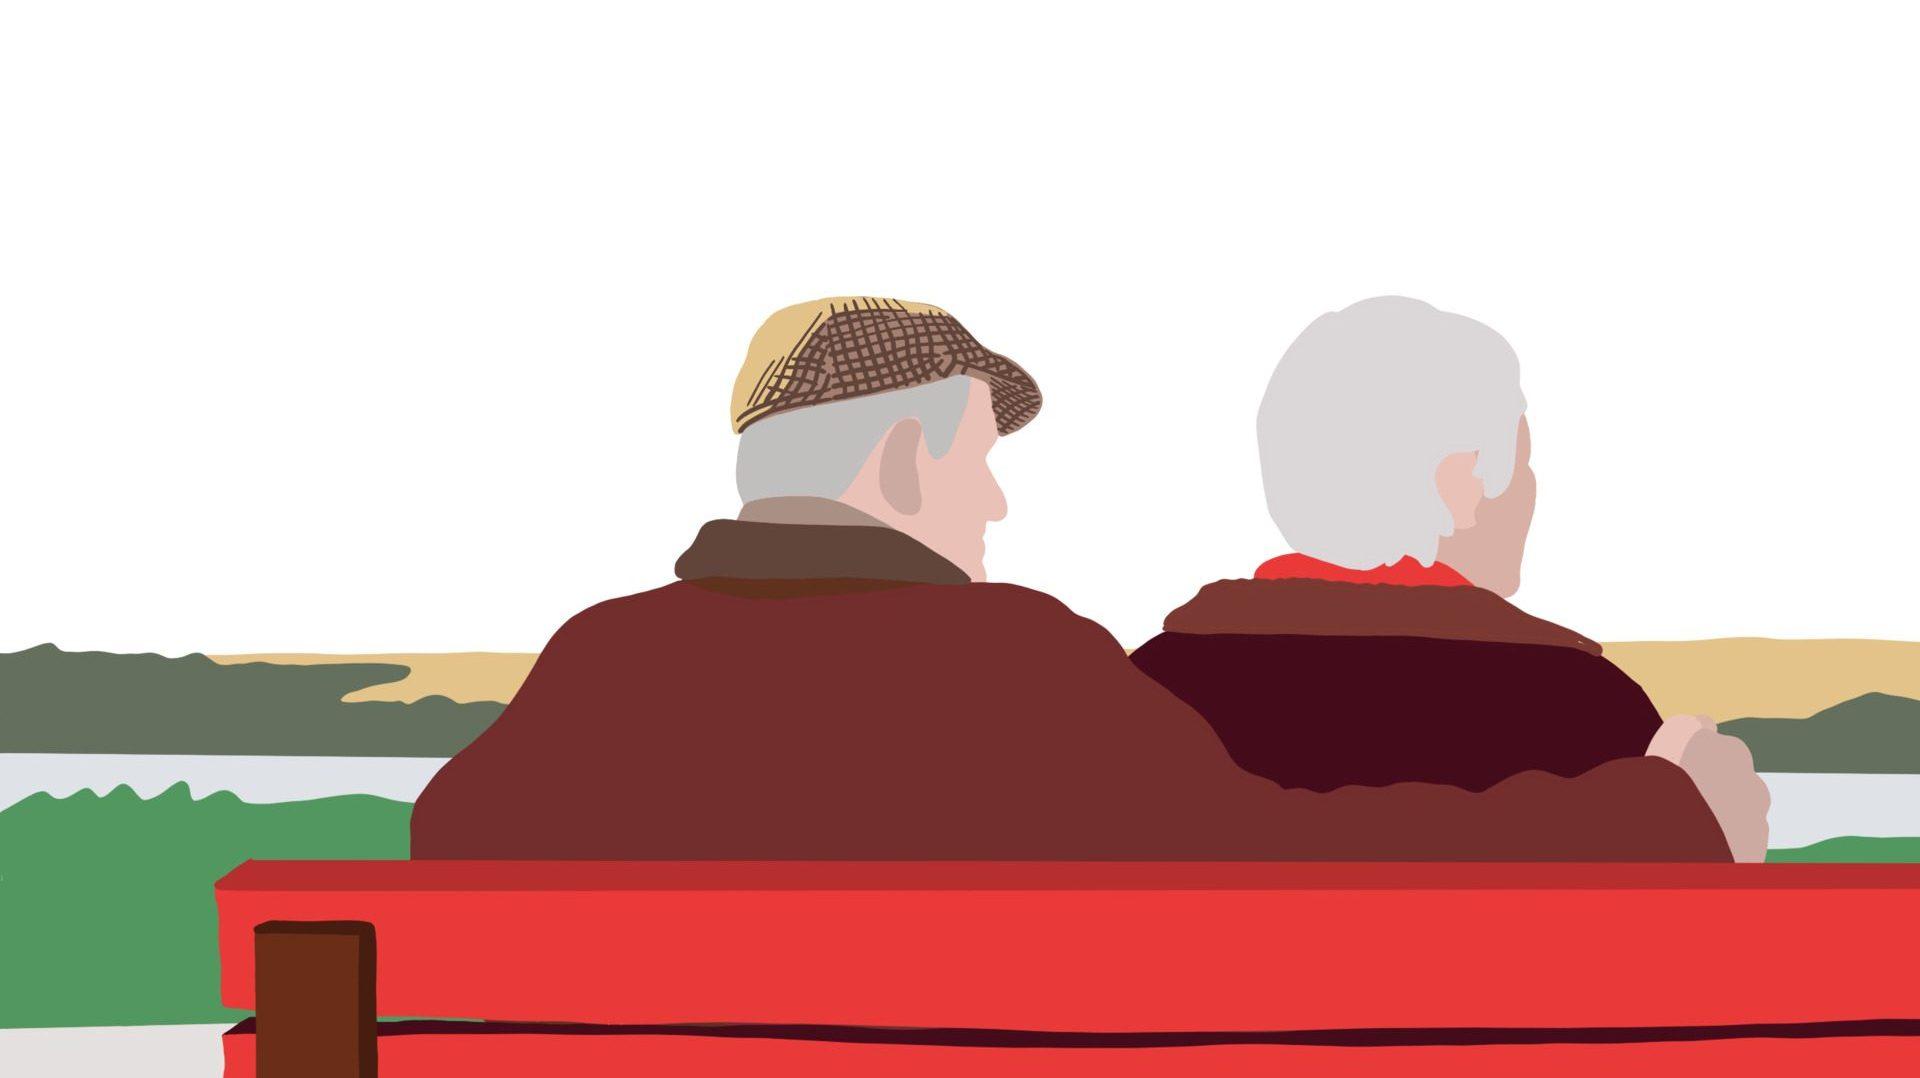 Eldre par på benk. Illustrasjon